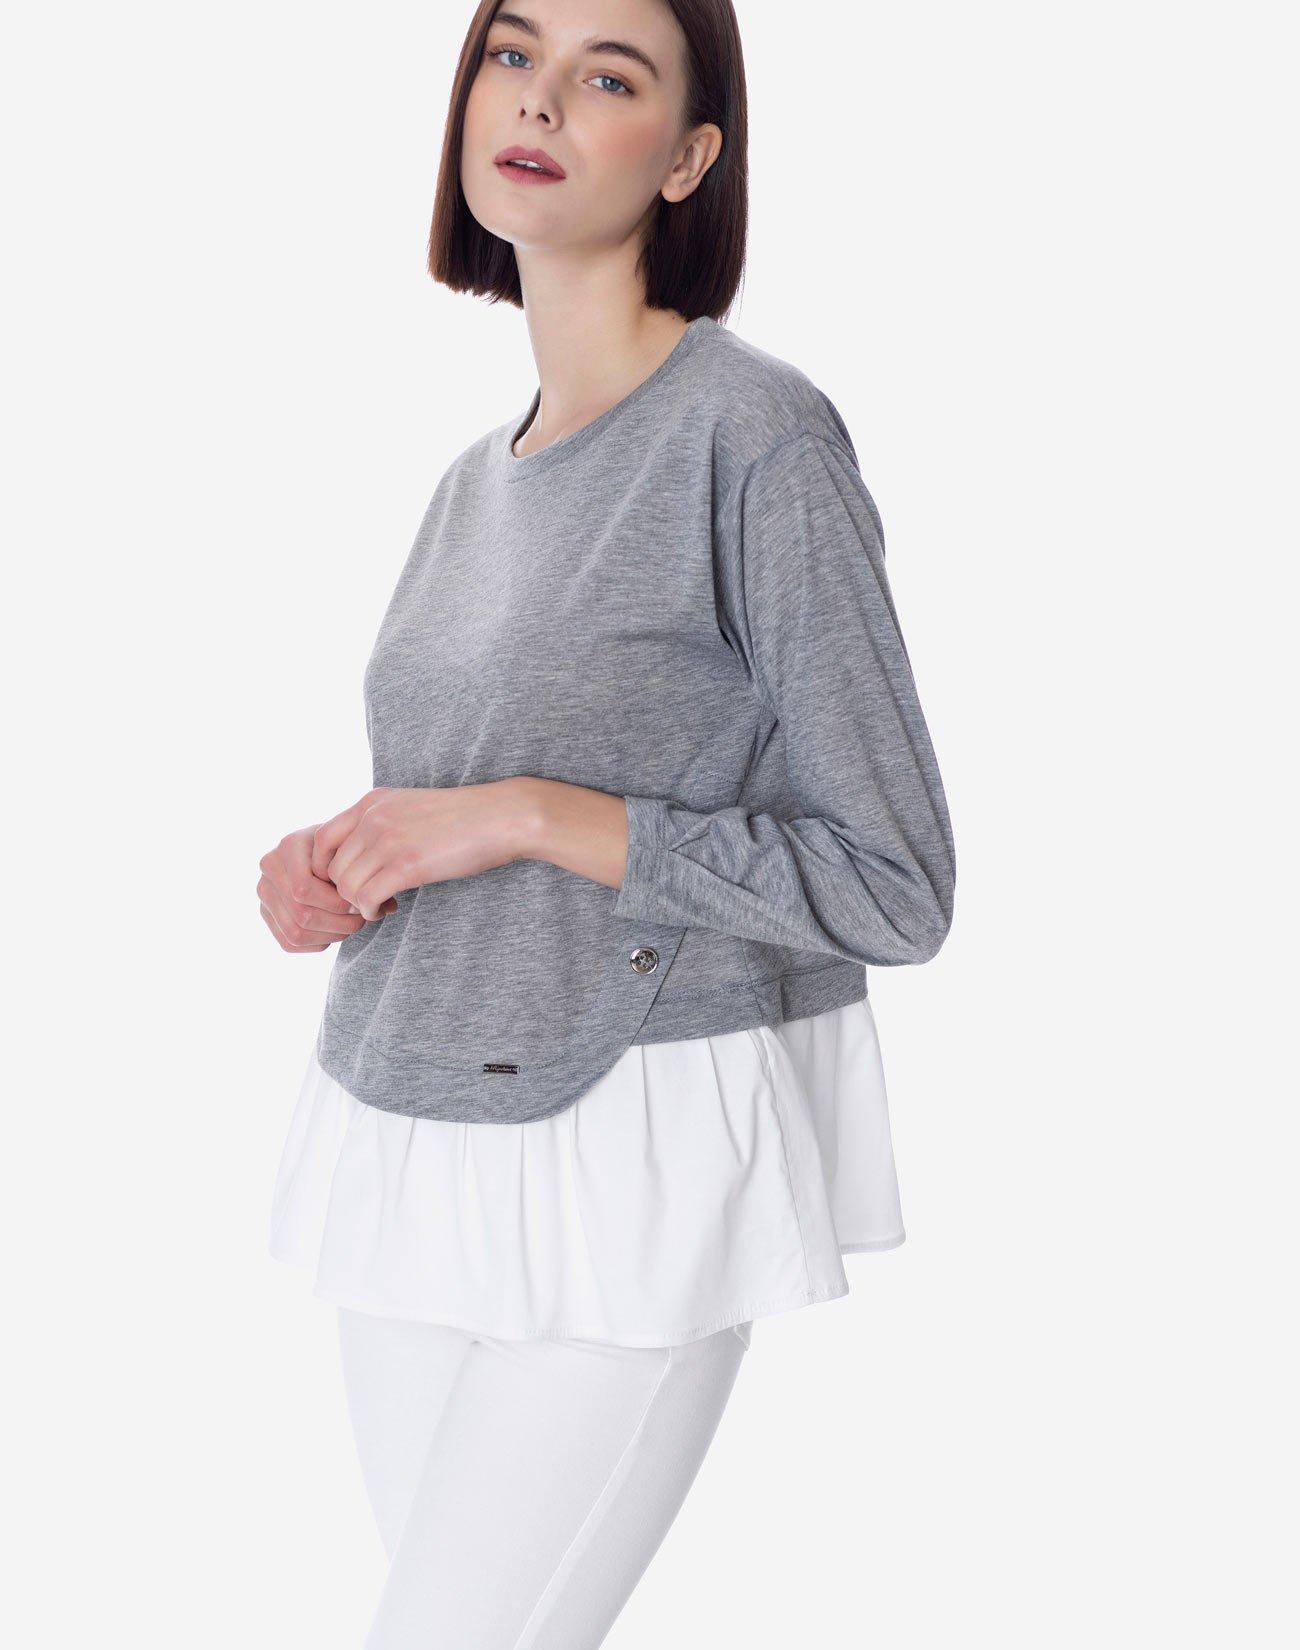 Μπλούζα σε συνδυασμό με βολάν